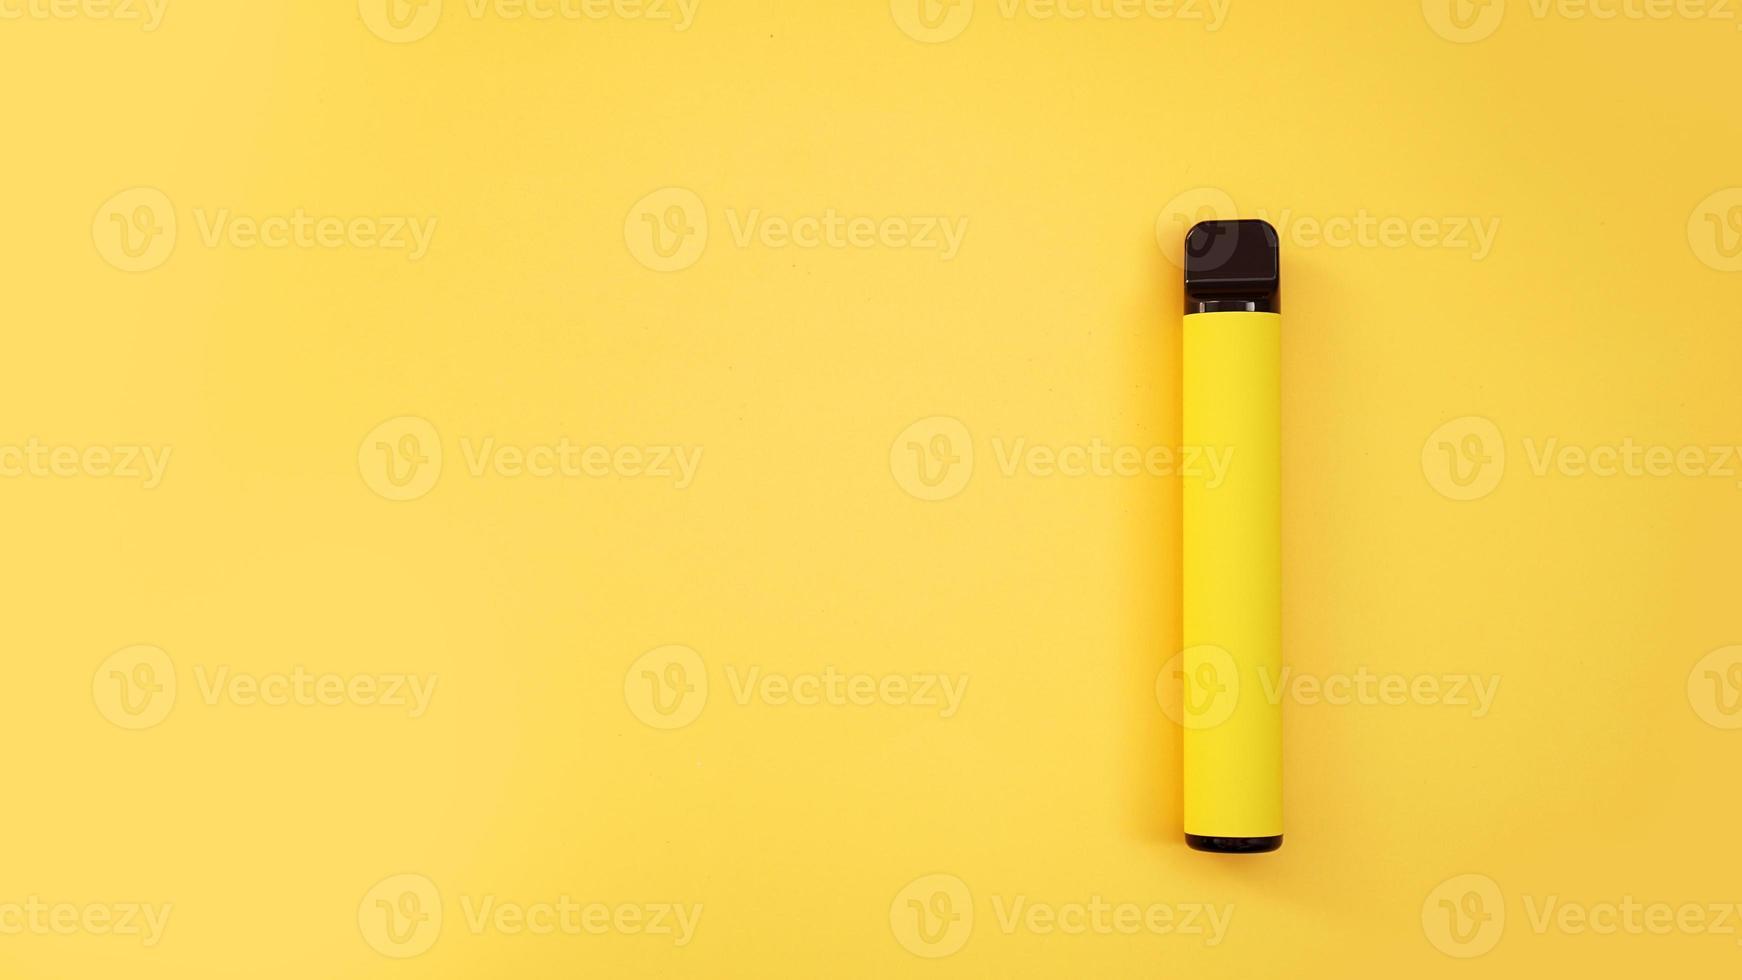 cigarro eletrônico descartável amarelo em fundo amarelo brilhante foto